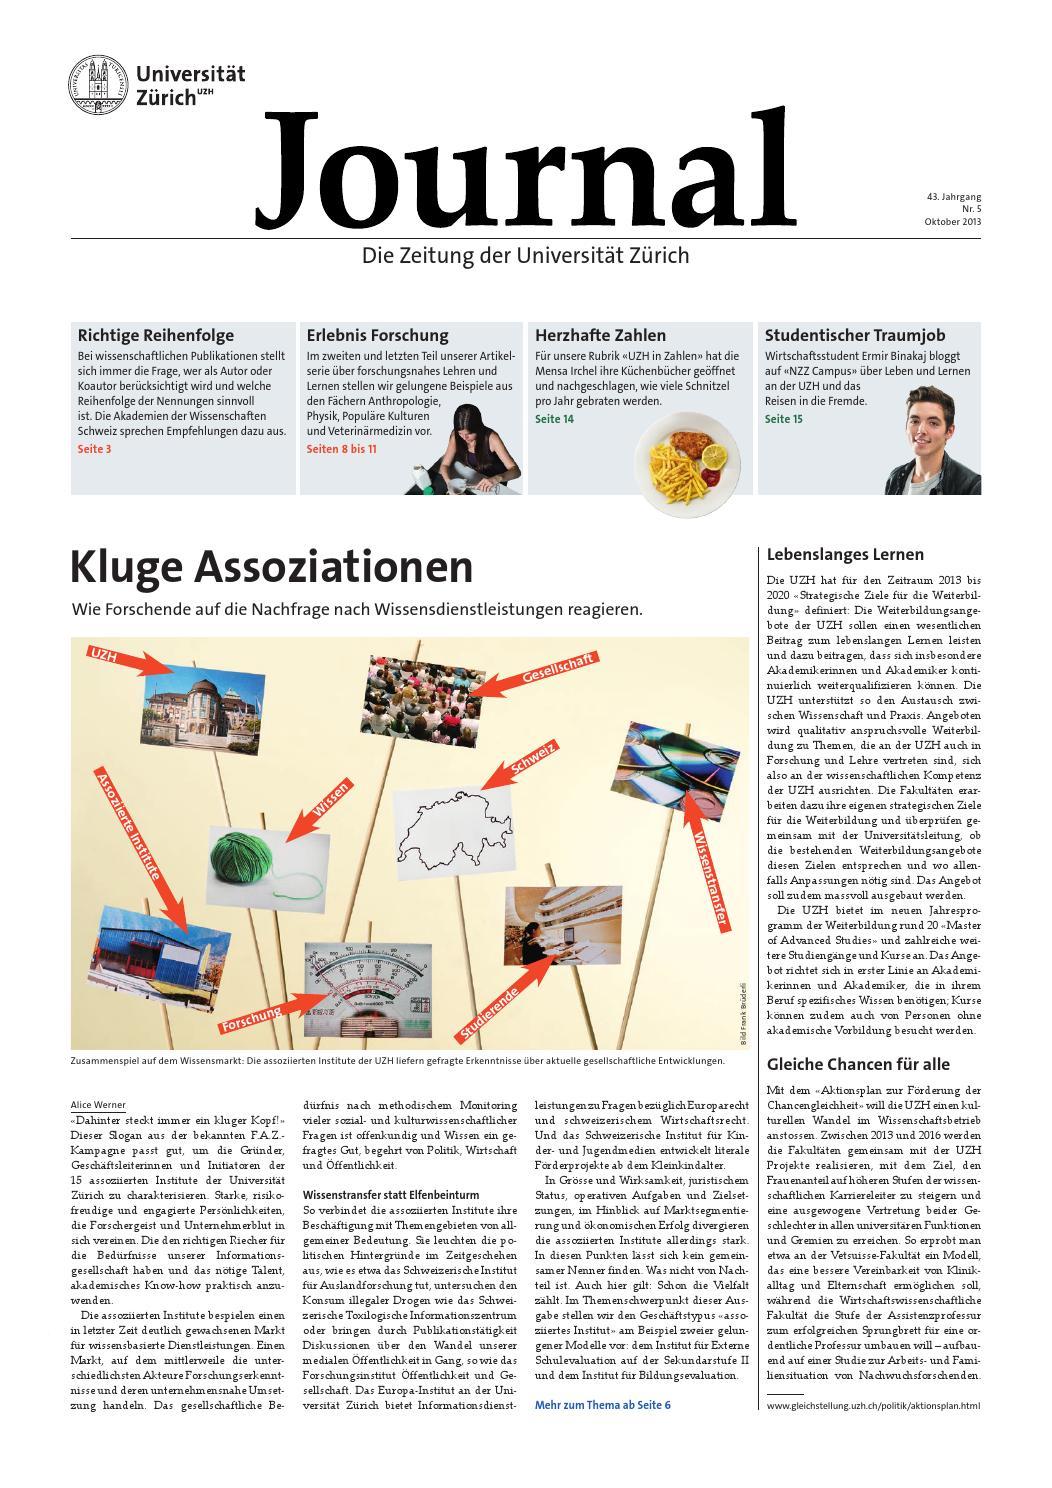 UZH Journal 5/13 by University of Zurich - issuu